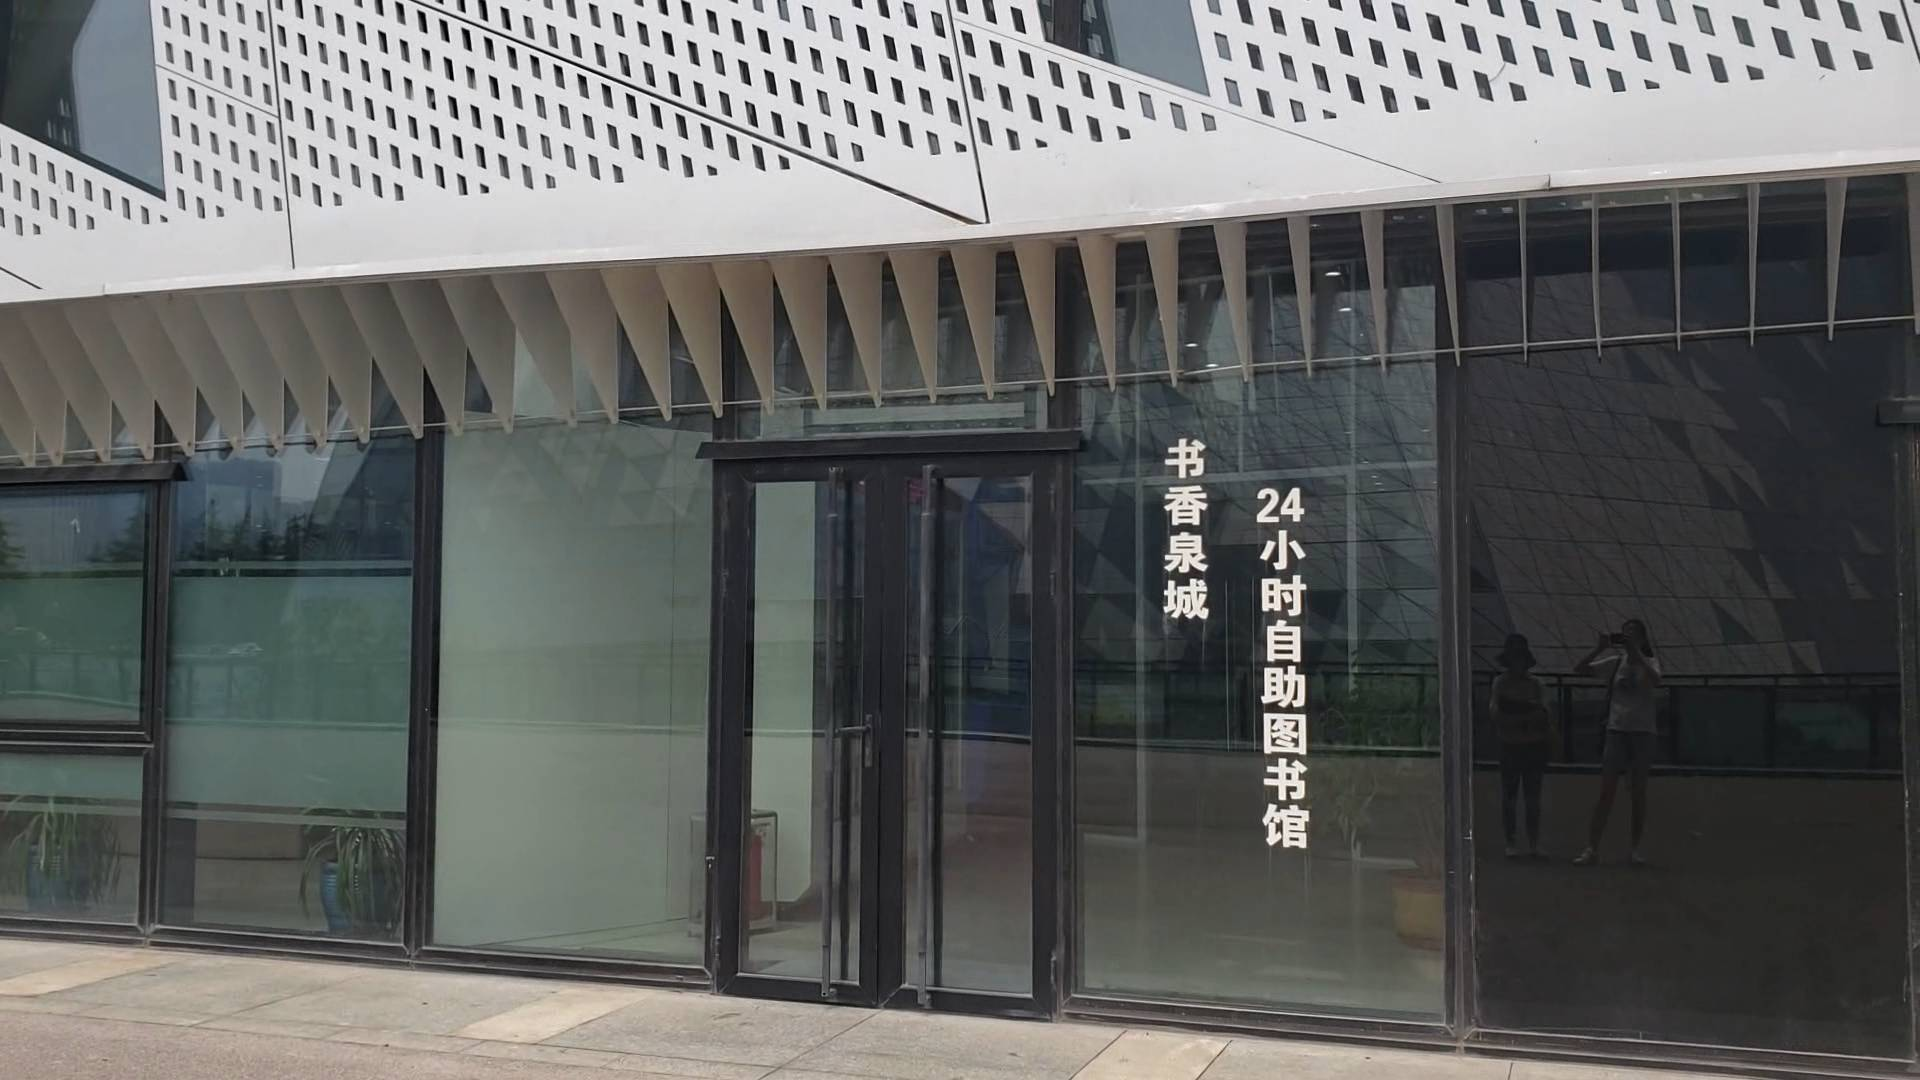 济南24小时自助图书馆无人问津 公益项目如何坚持下去?